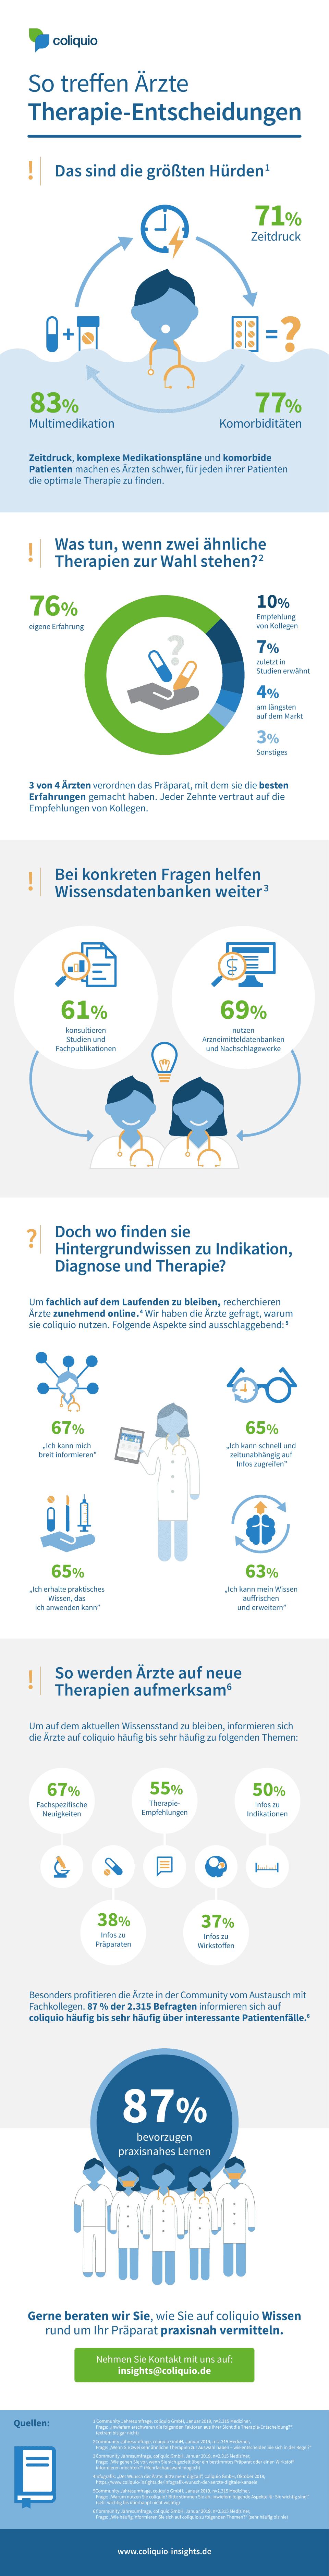 Infografik So treffen Ärzte Therapieentscheidungen